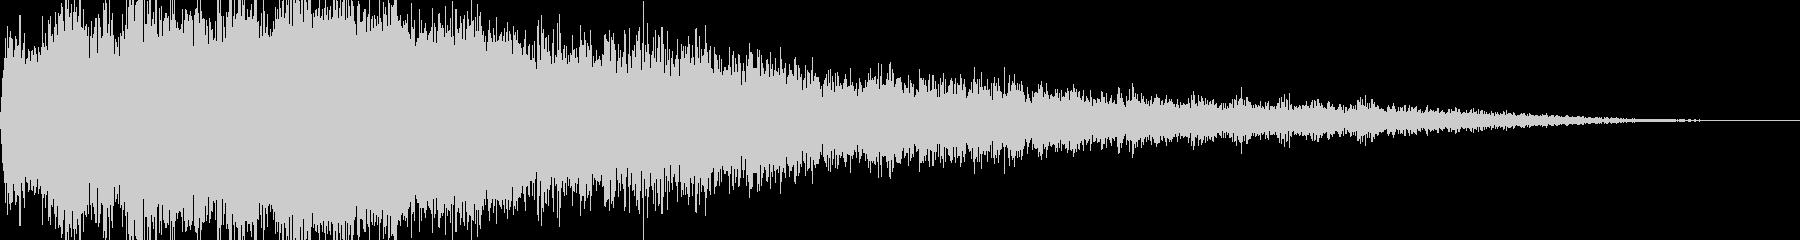 【ダーク・ホラー】アトモスフィア_10の未再生の波形